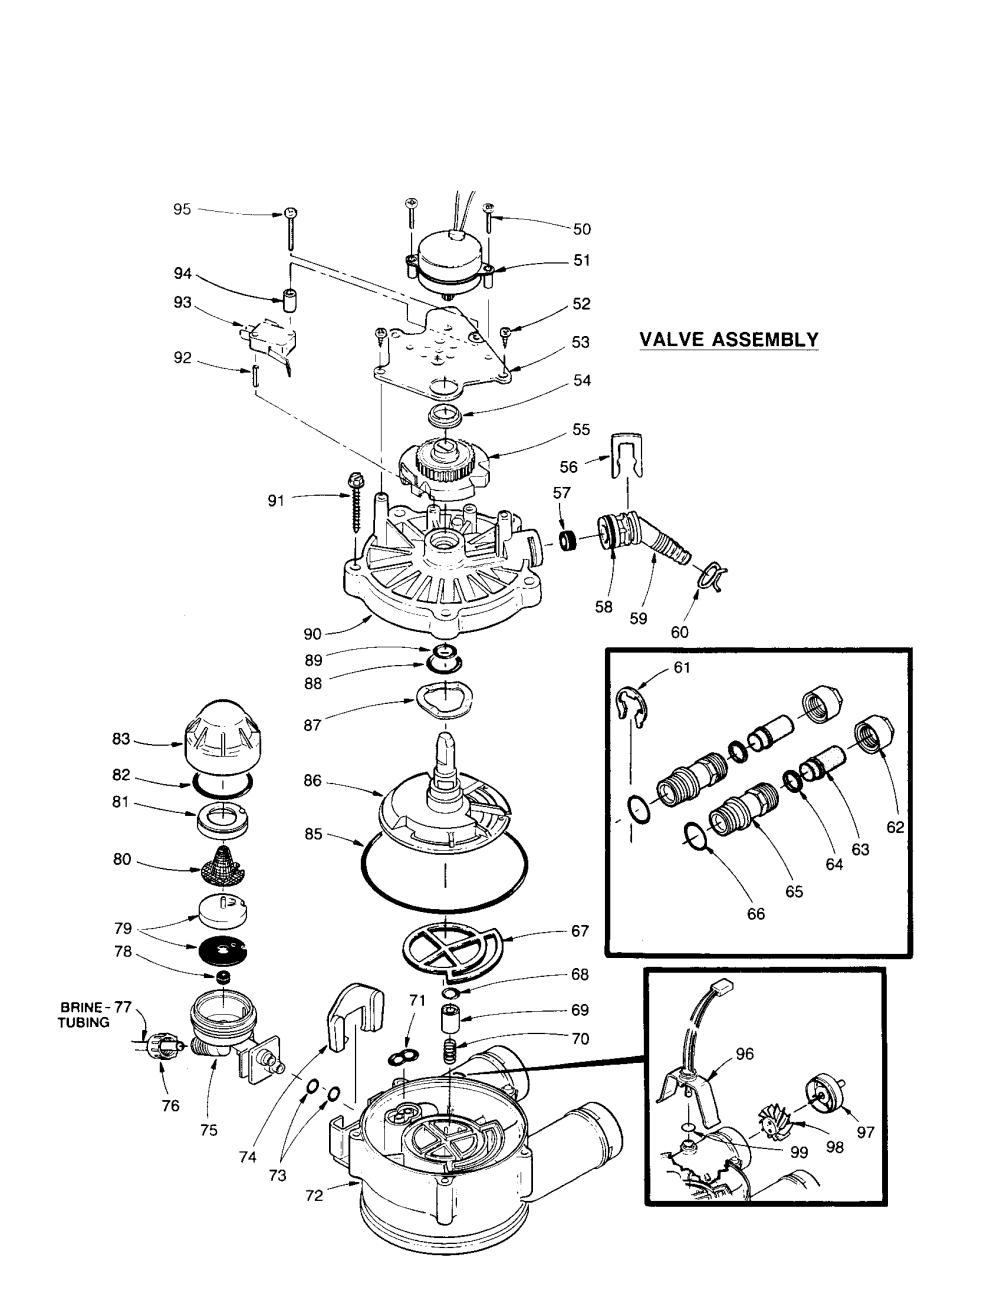 medium resolution of kenmore 625348450 valve assembly diagram